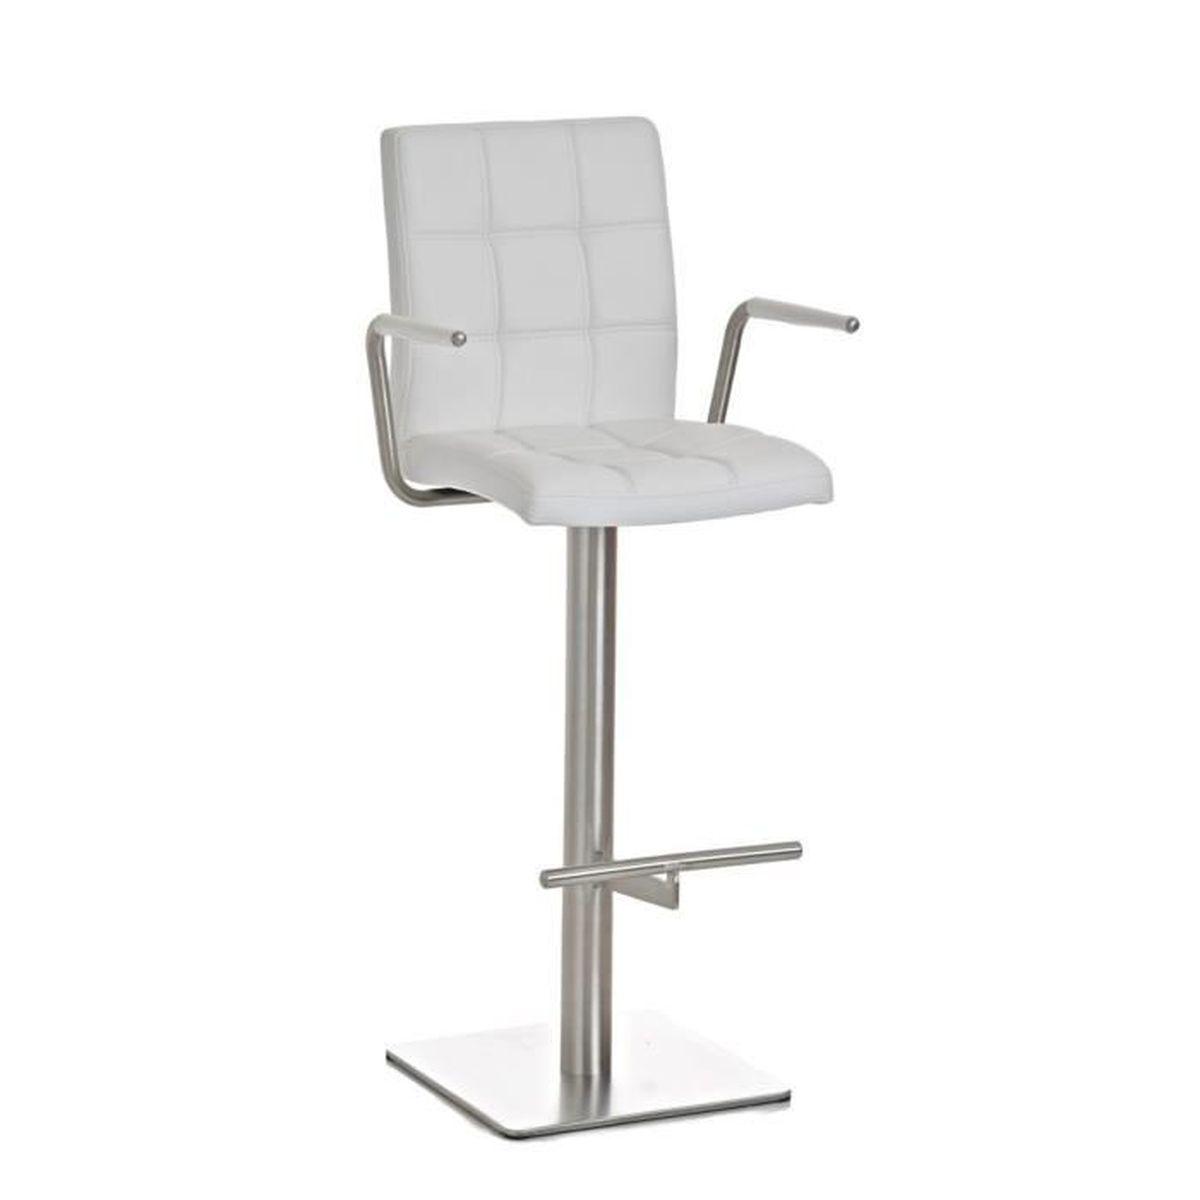 tabouret de bar en acier inoxydable avec si ge en similicuir blanc 116 x 53 x 52 cm achat. Black Bedroom Furniture Sets. Home Design Ideas